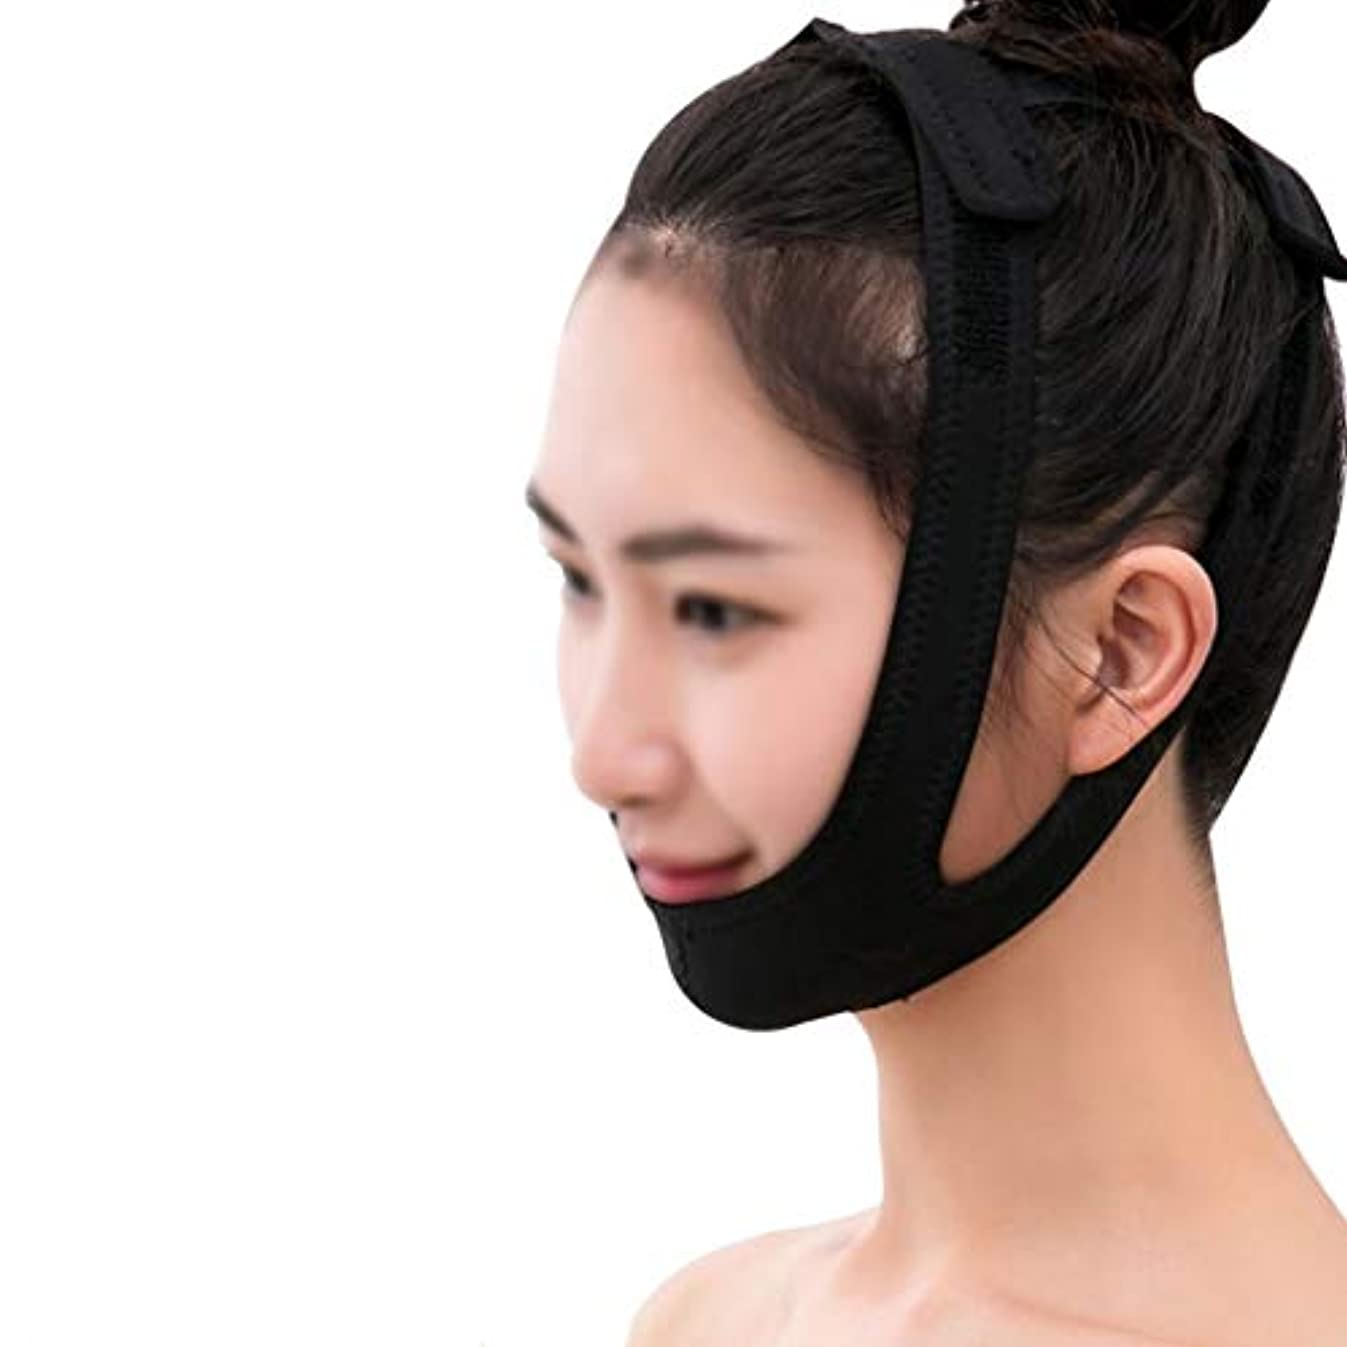 トランペット作動する充実フェイシャルリフティングマスク、医療用ワイヤーカービングリカバリーヘッドギアVフェイスバンデージダブルチンフェイスリフトマスクブラック